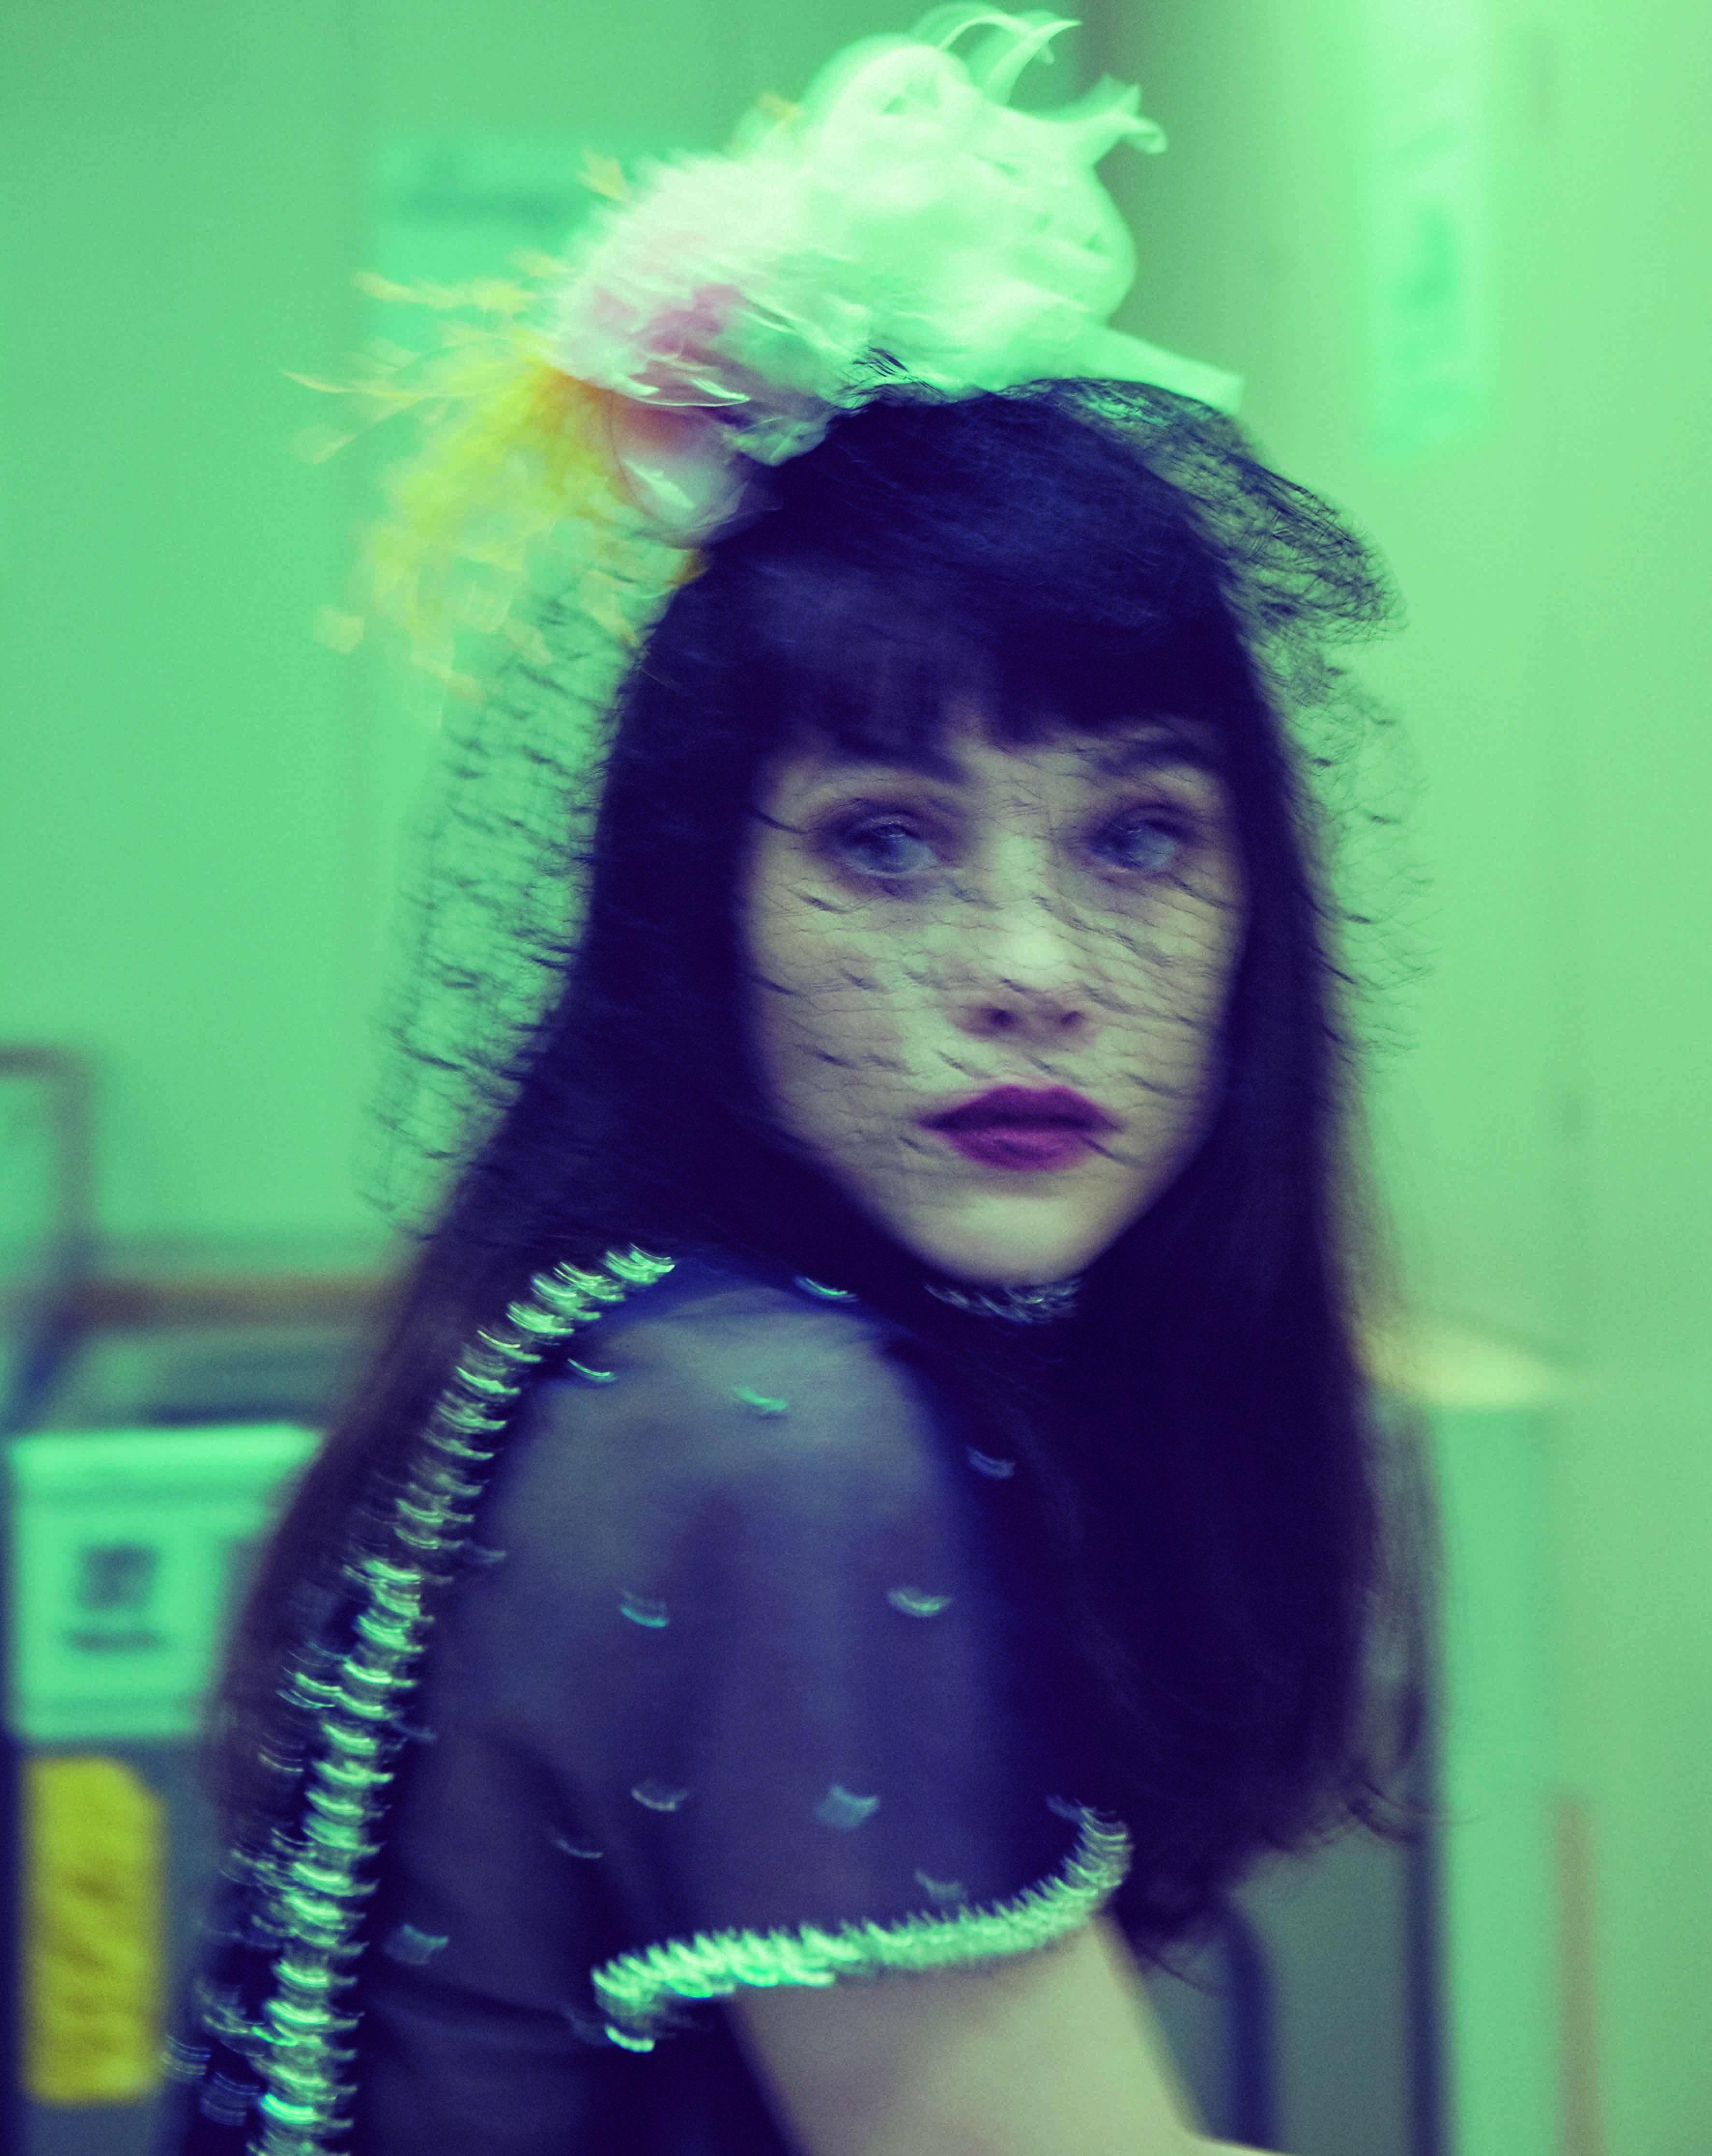 Àstrid Bergès-Frisbey porte une robe longue brodée ornée de boutons bijoux, un tee-shirt à manches courtes en tulle de soie brodé au plumetis et une coiffe à voilette en dentelle ornée de fleurs, CHANEL HAUTE COUTURE.